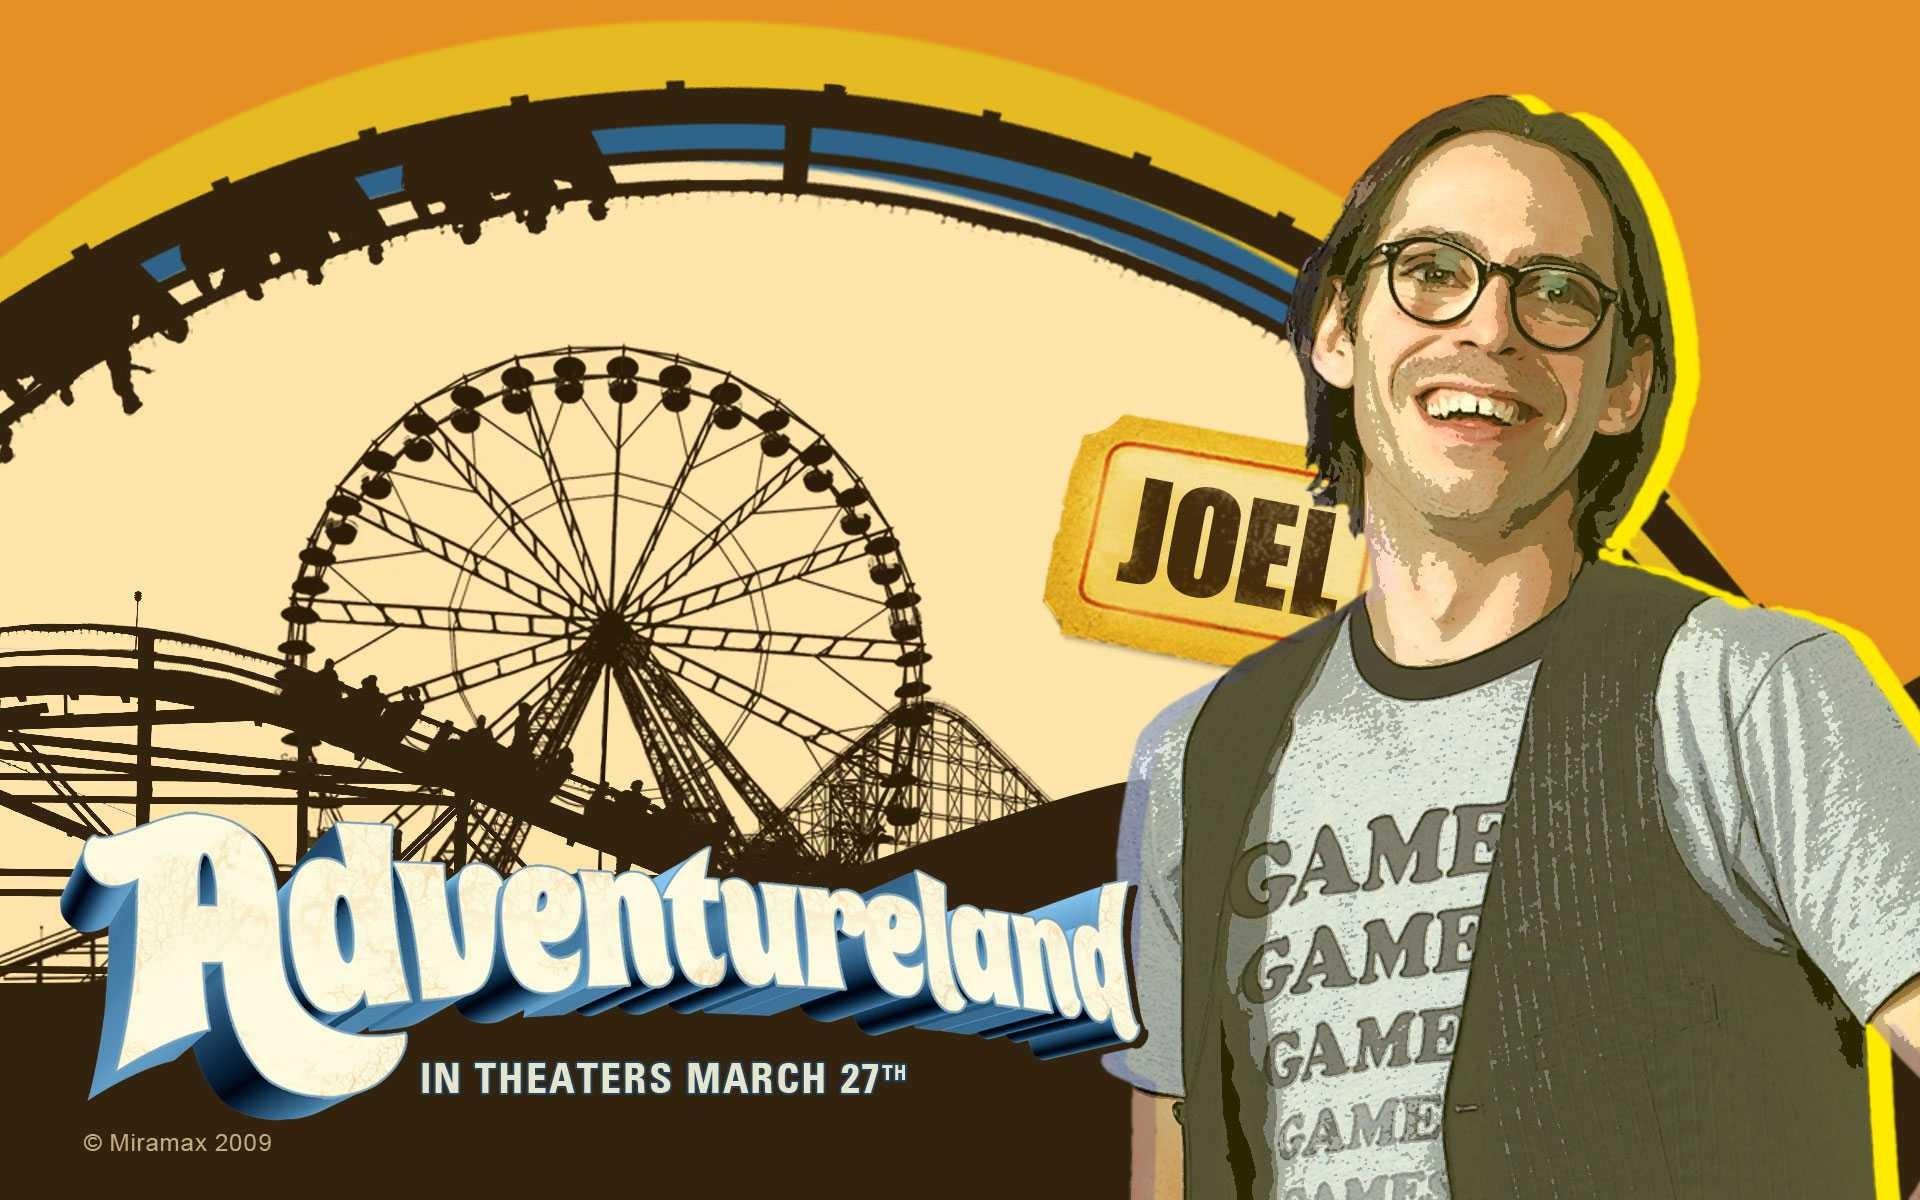 Un wallpaper del film Adventureland con Martin Starr